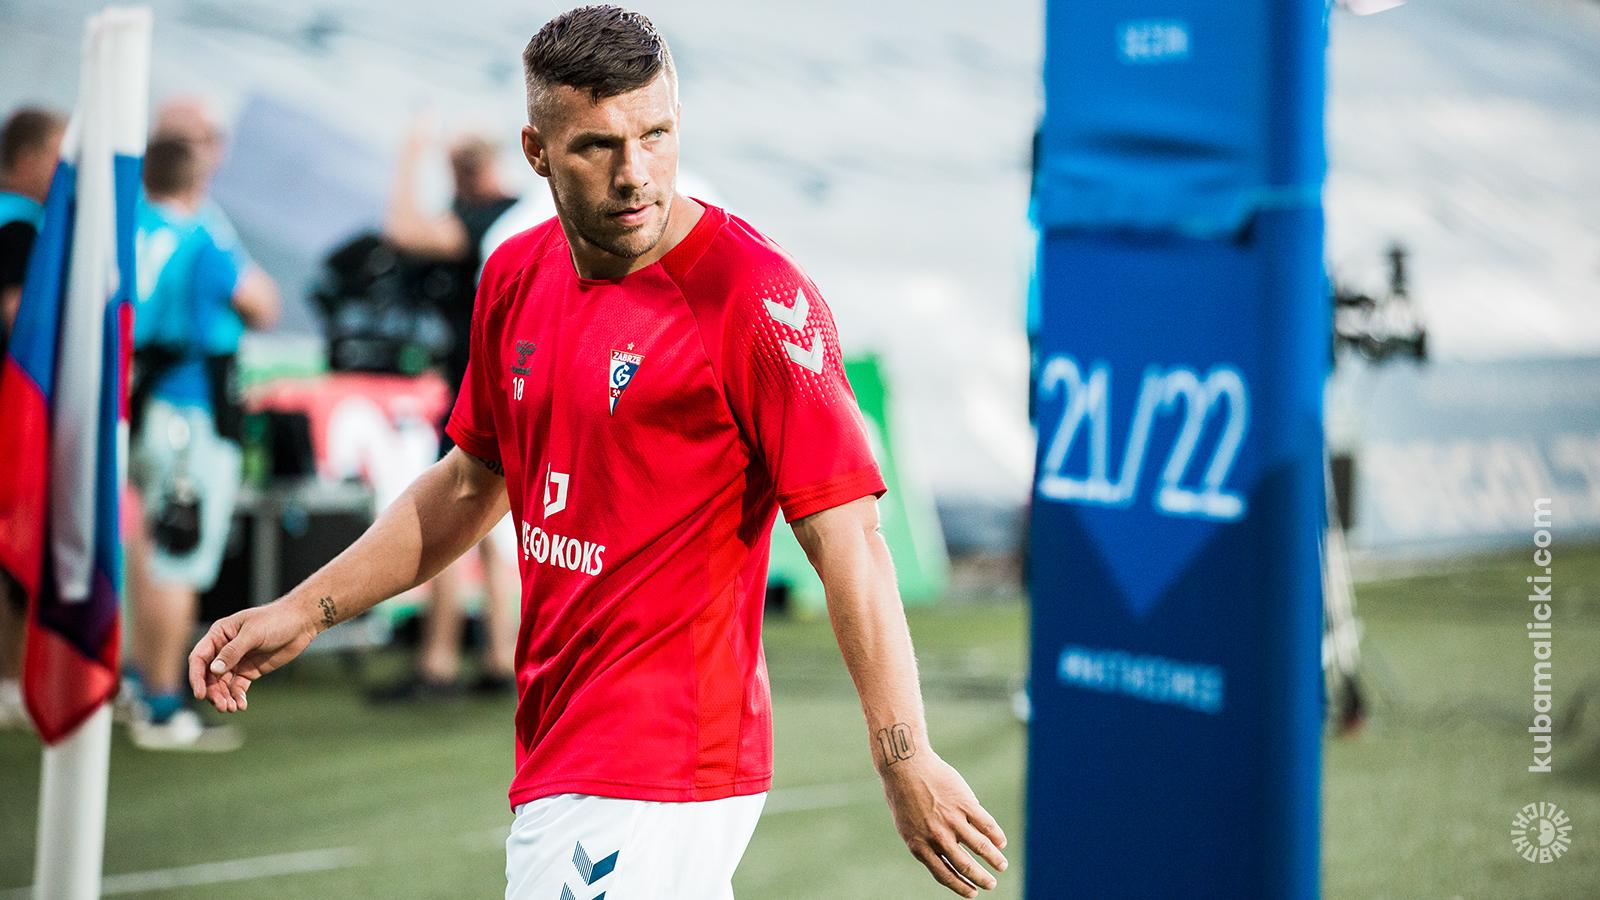 Górnik Zabrze - Lech Poznań, Podolski w Ekstraklasie, foto: Kuba Malicki